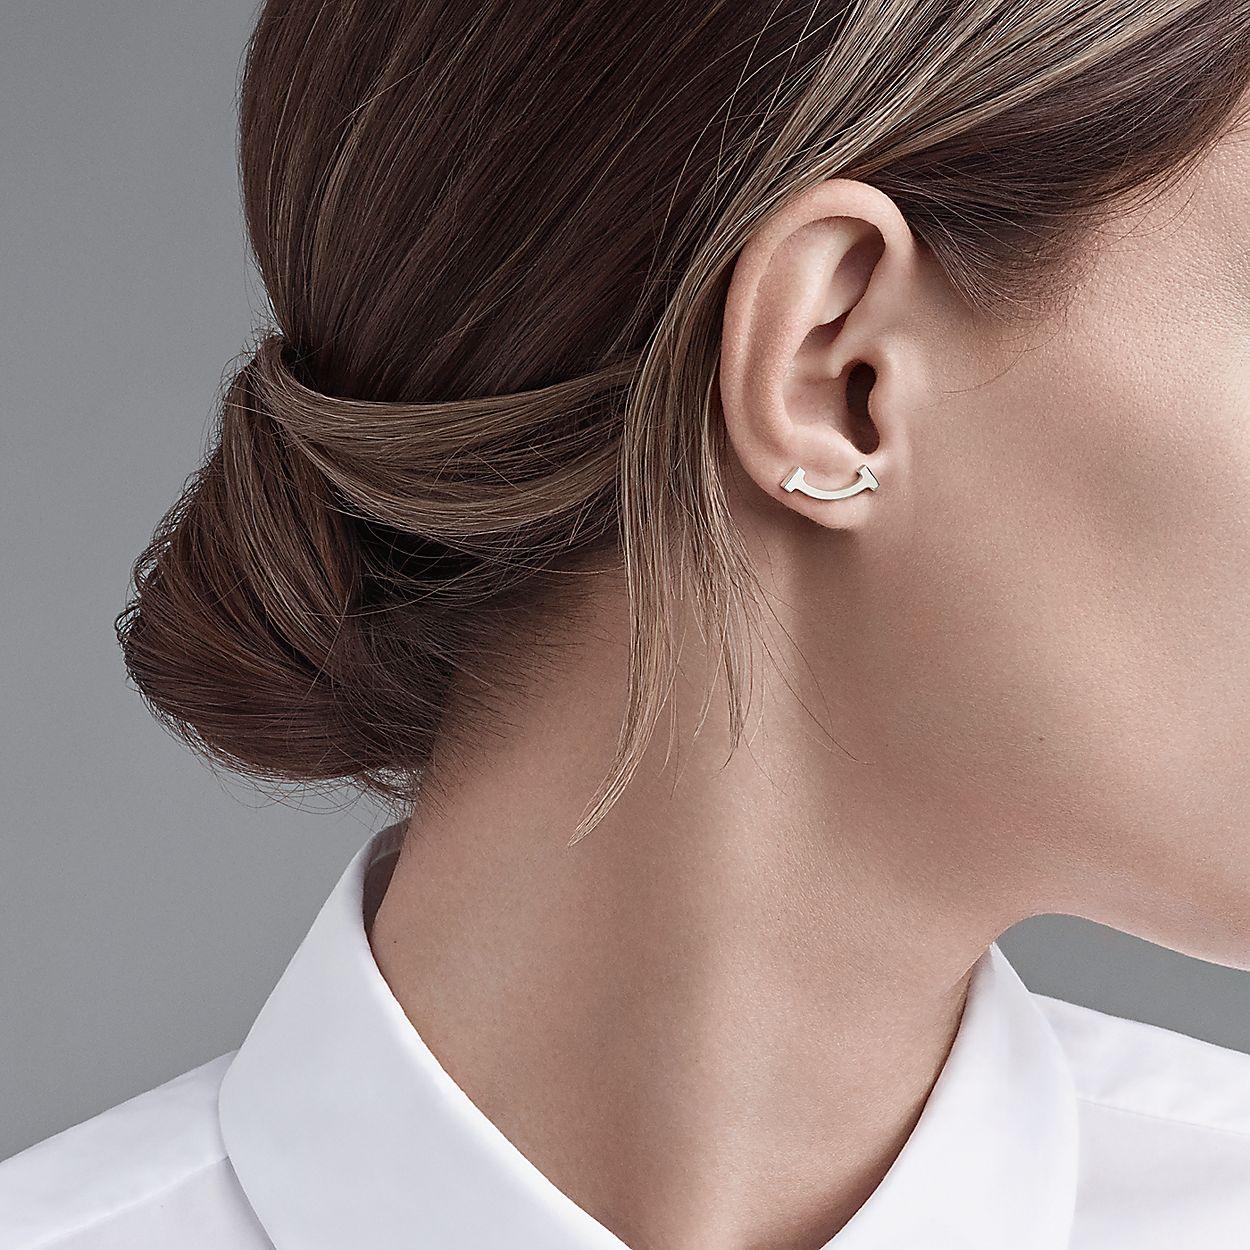 f30097e63 Tiffany T smile earrings in sterling silver. | Tiffany & Co.